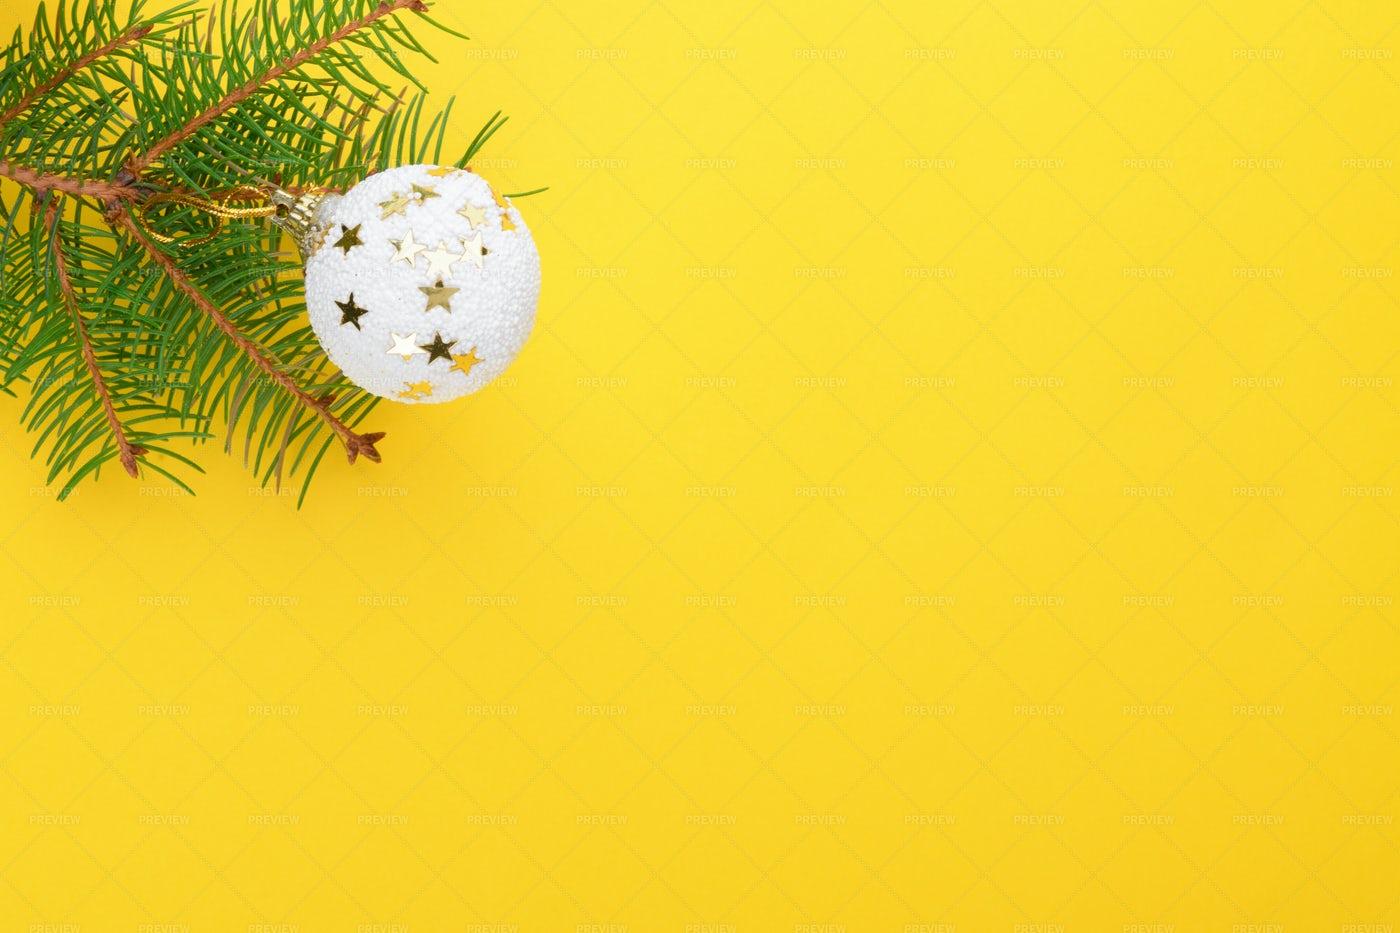 Christmas Ball Over Yellow: Stock Photos